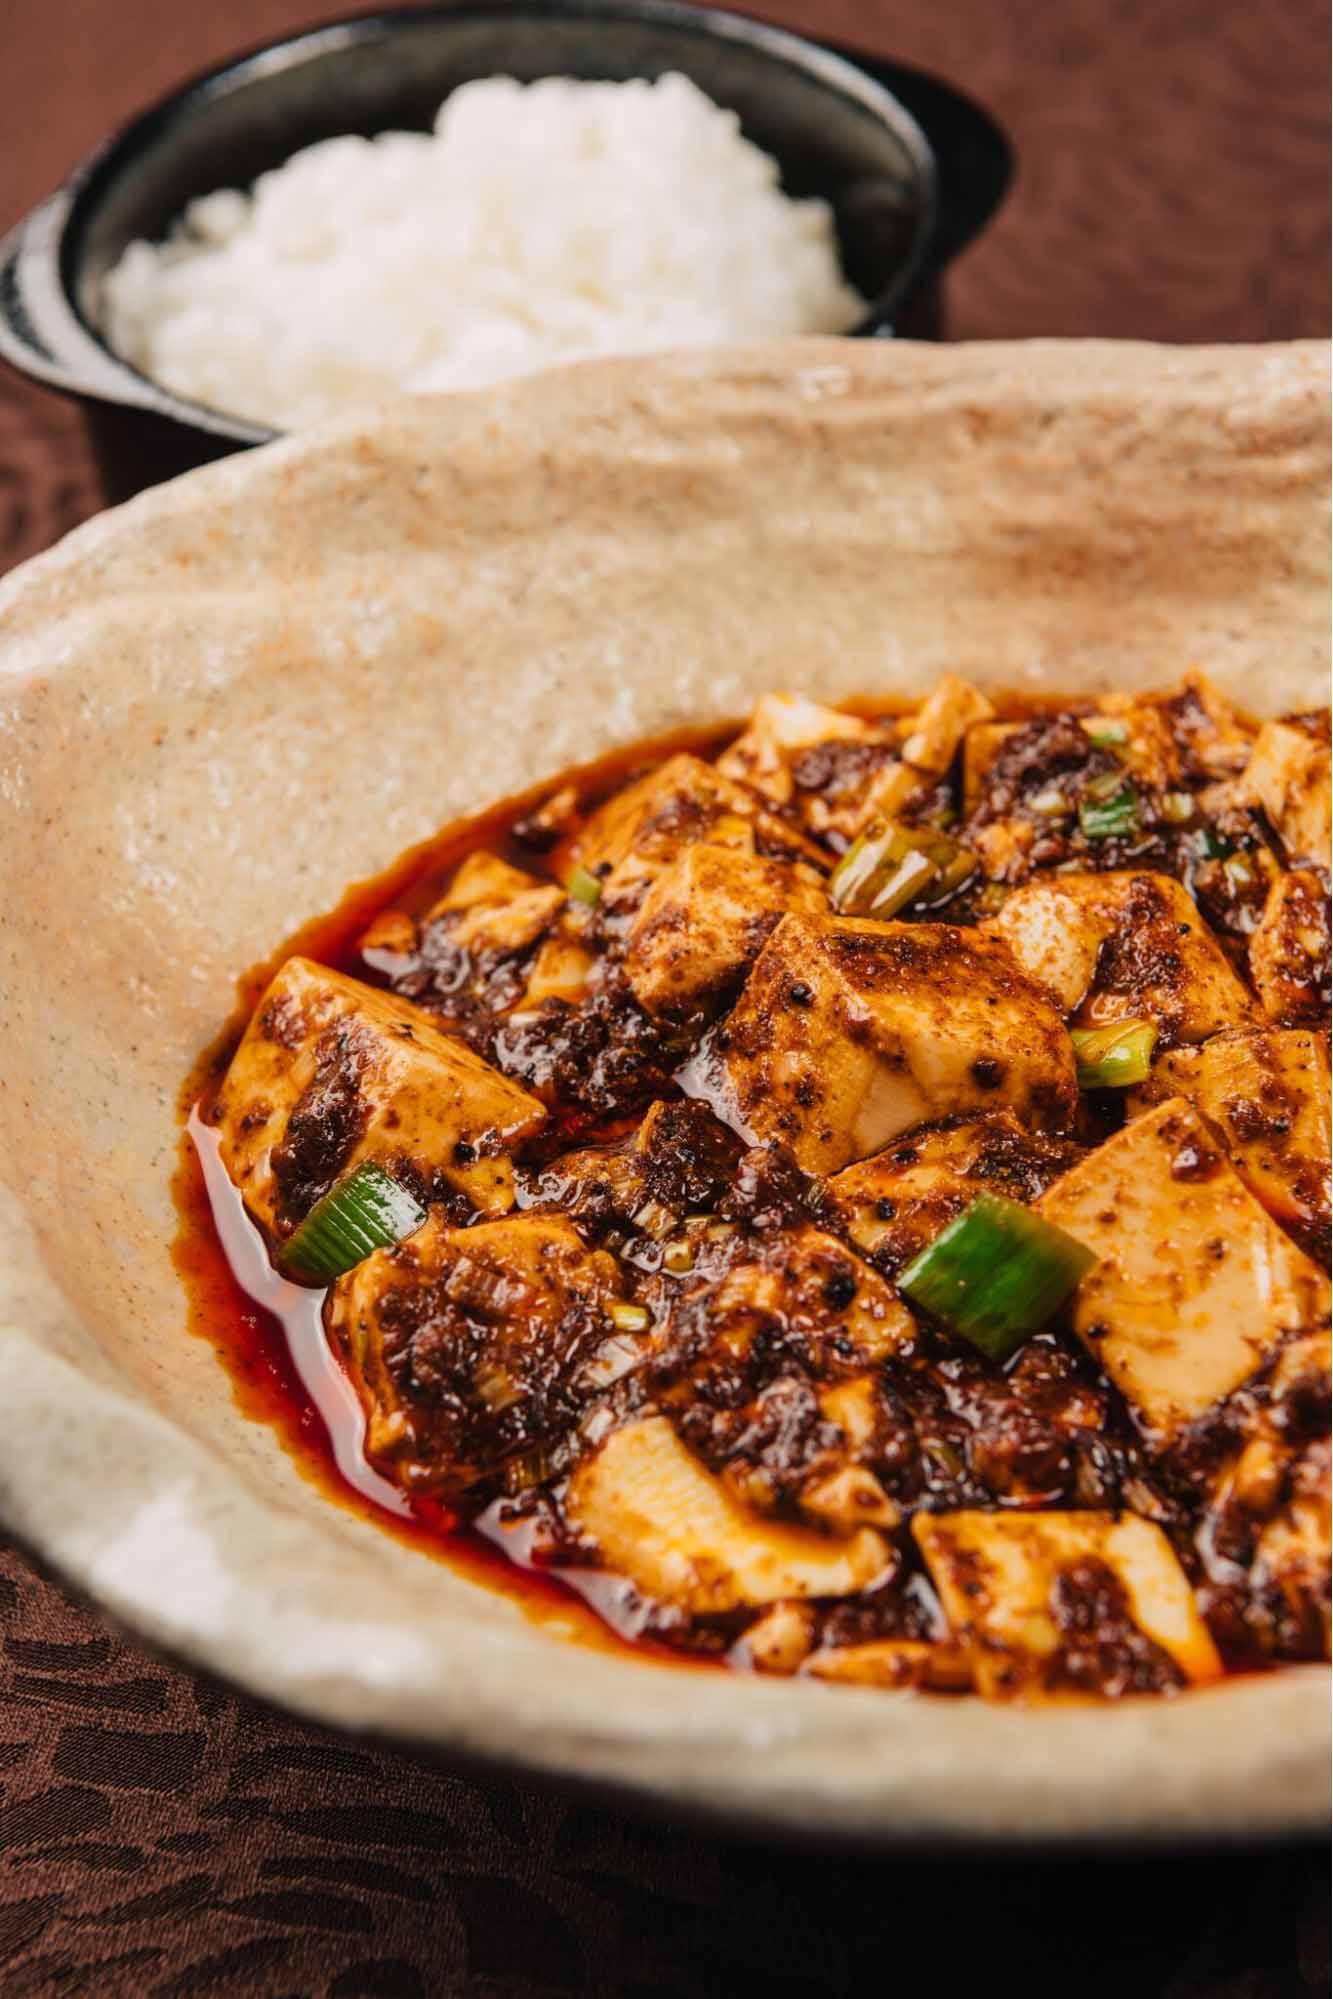 Michelin guide street food festival shisen hanten